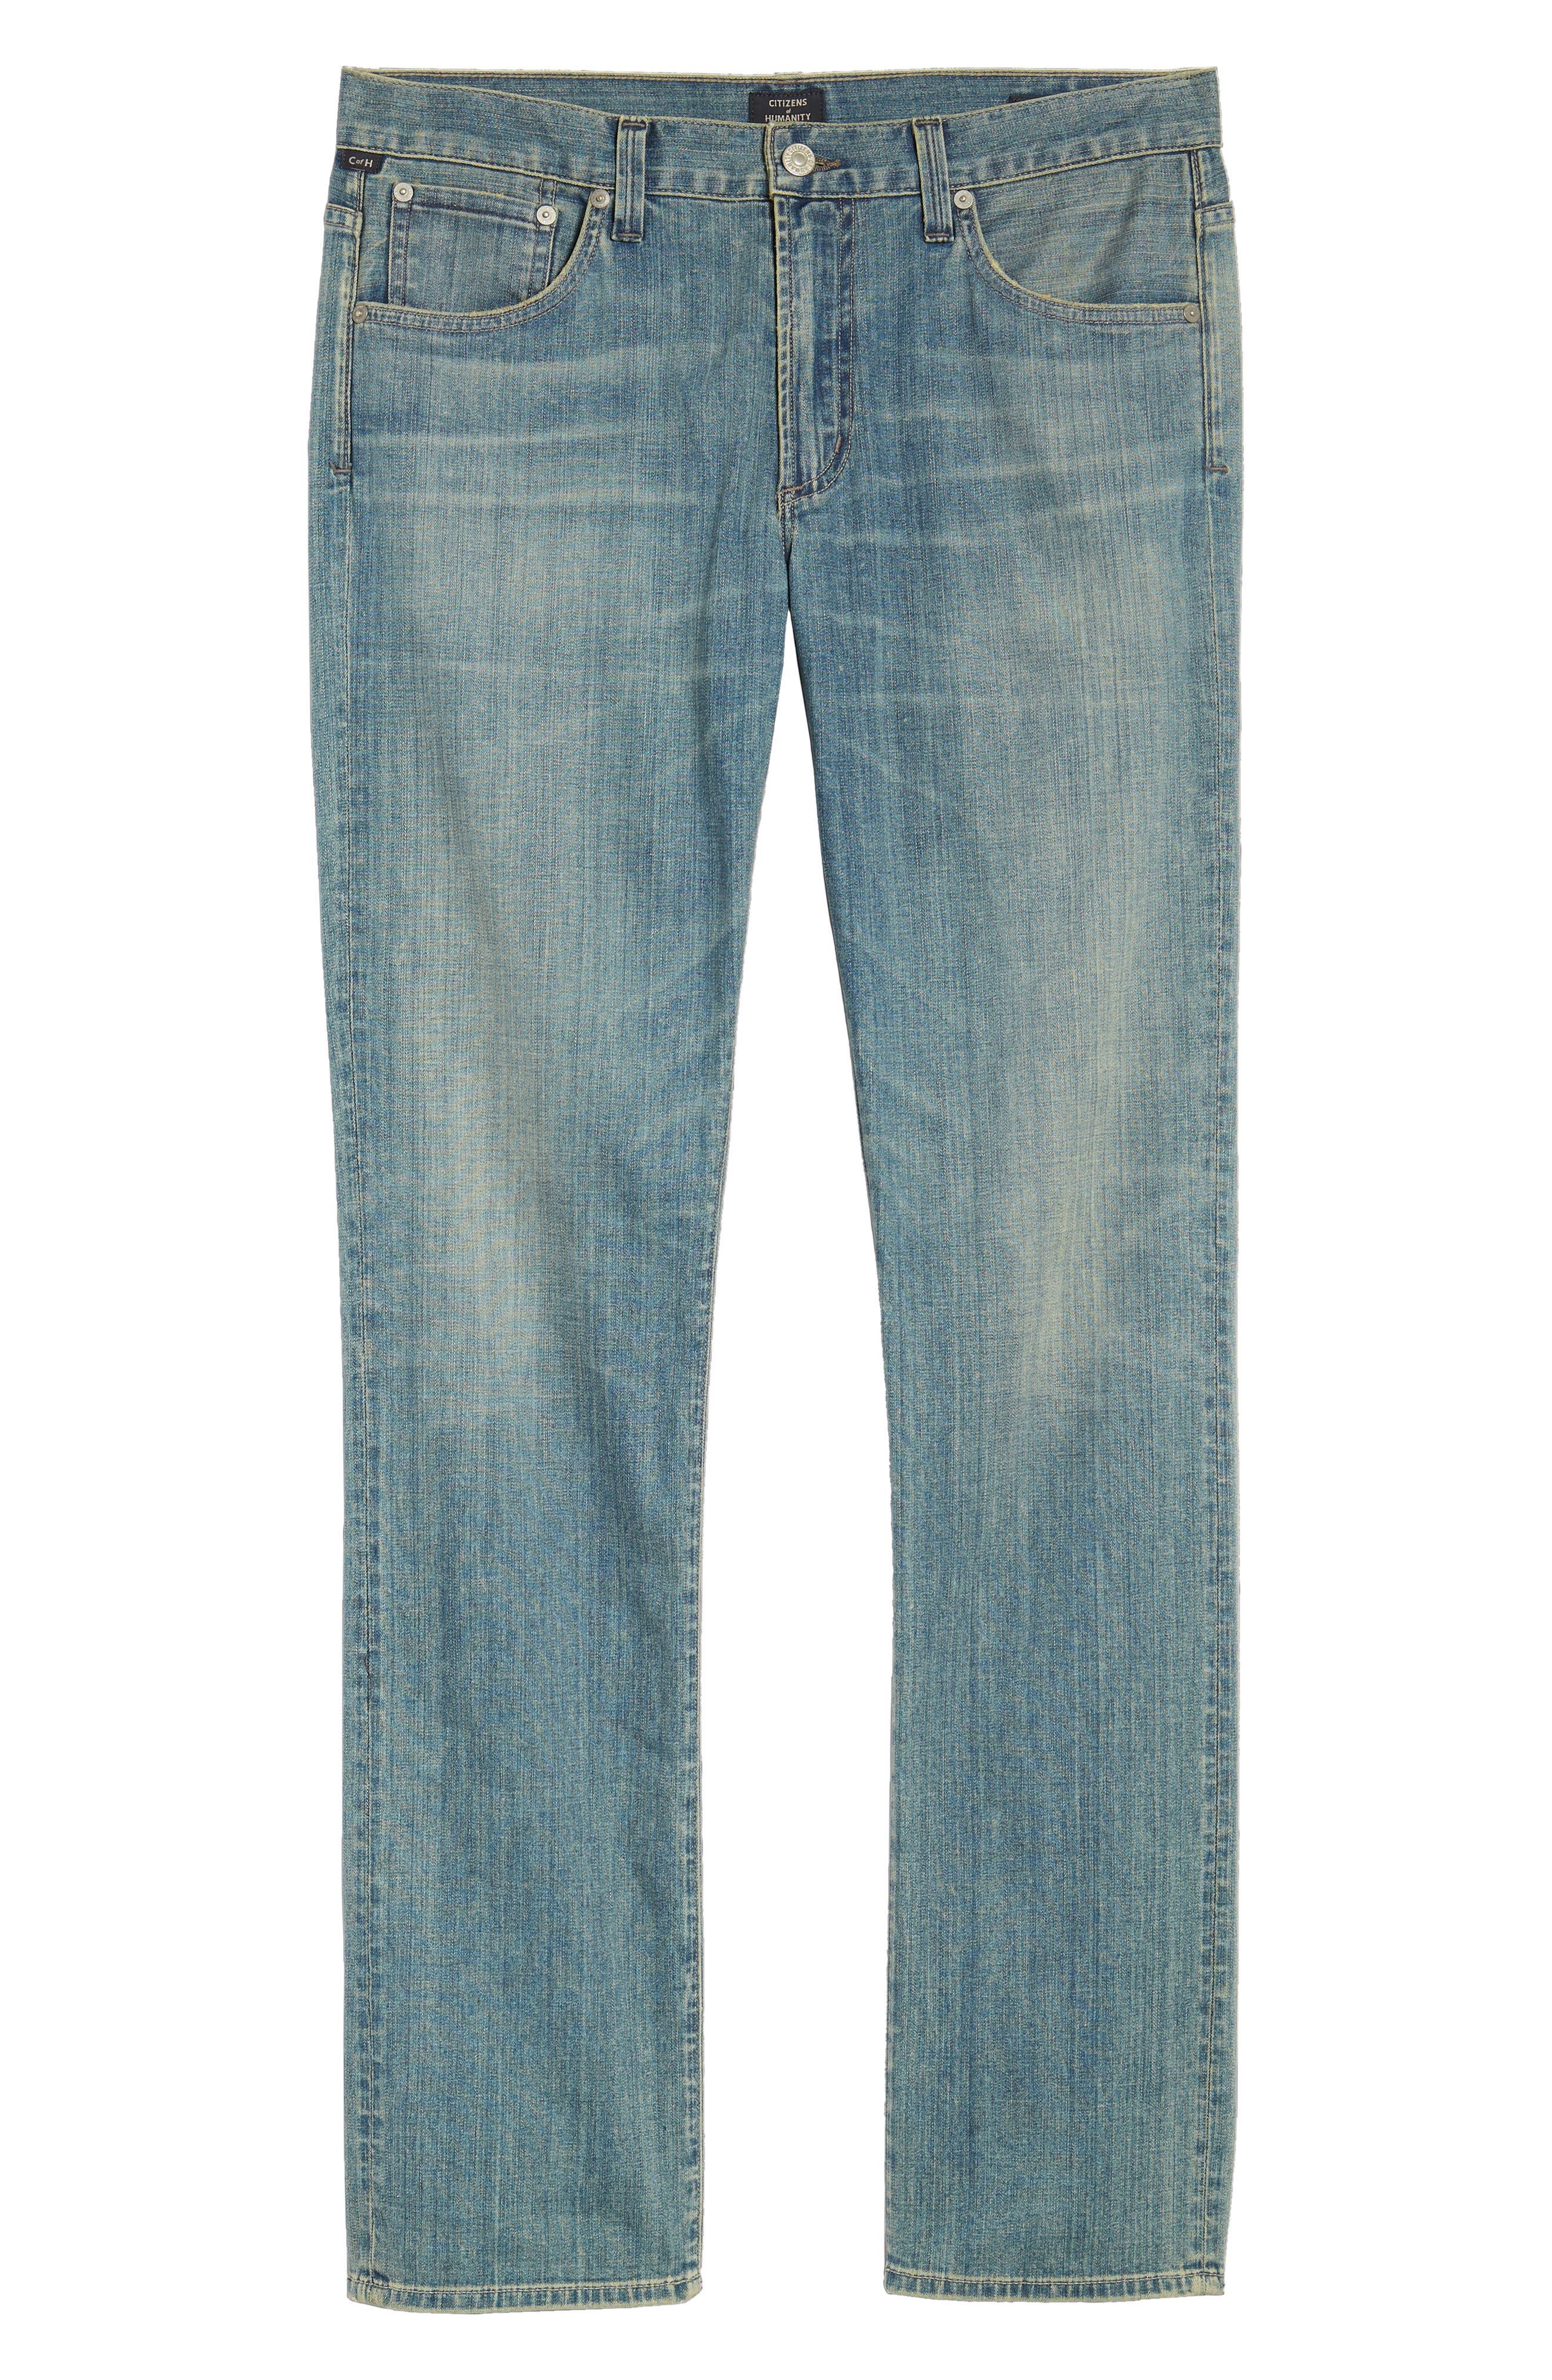 Gage Slim Straight Leg Jeans,                             Alternate thumbnail 6, color,                             Adler